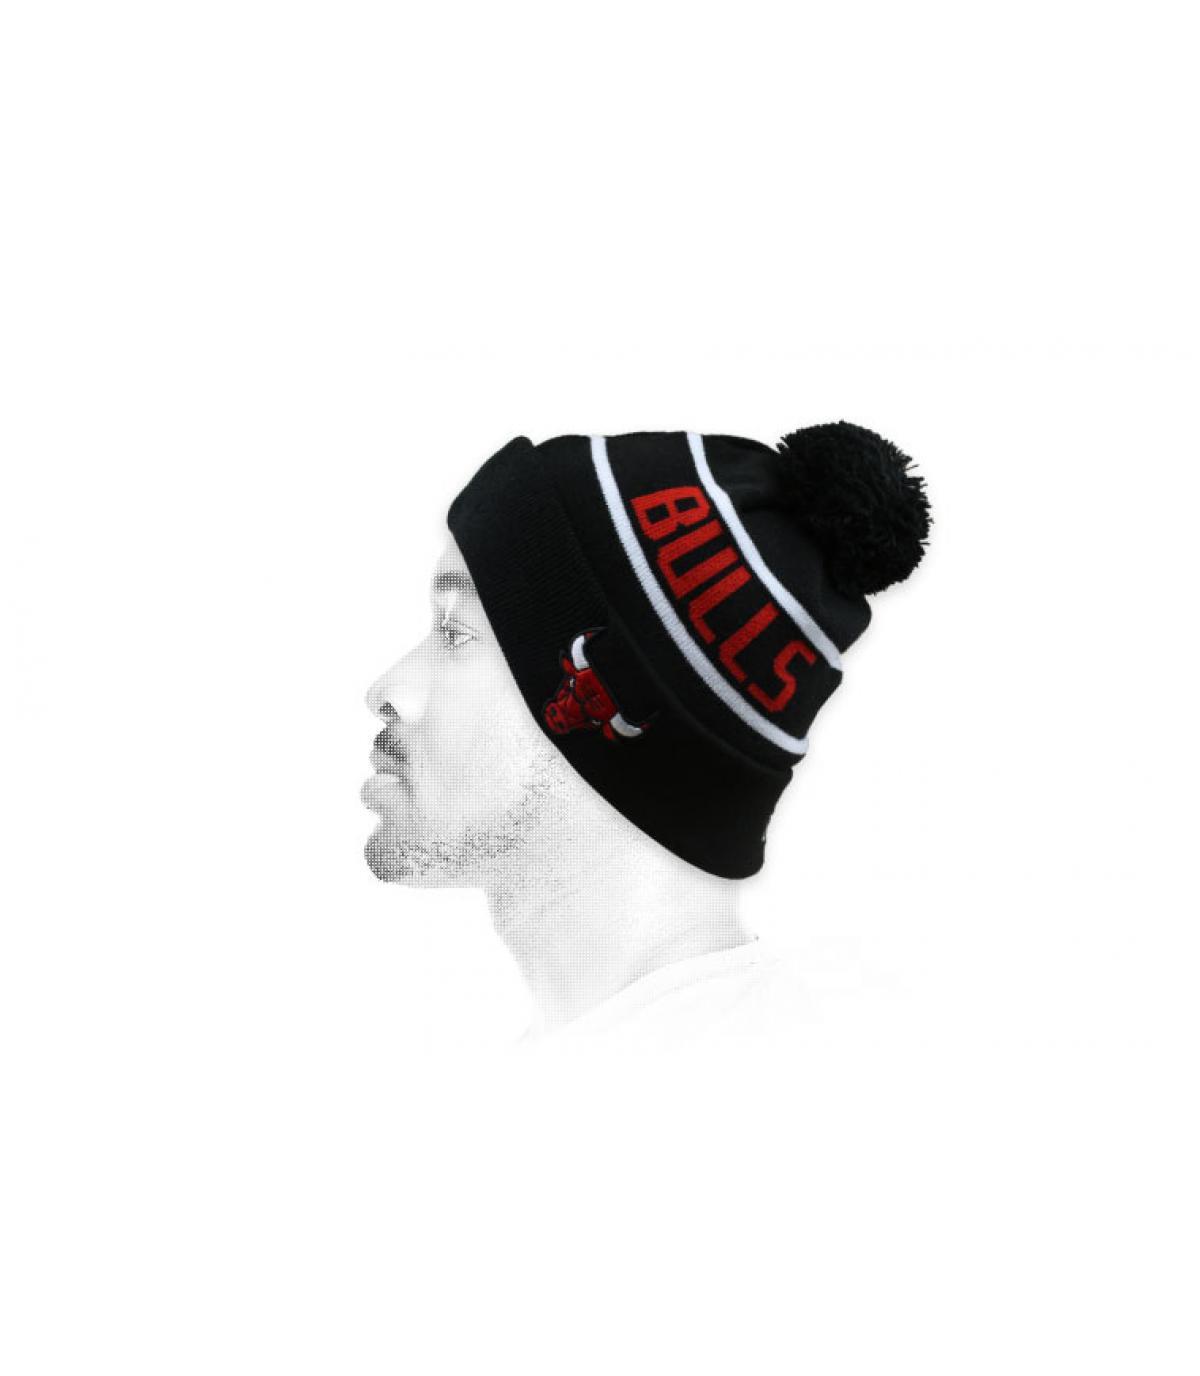 cappello rosso nero dei tori